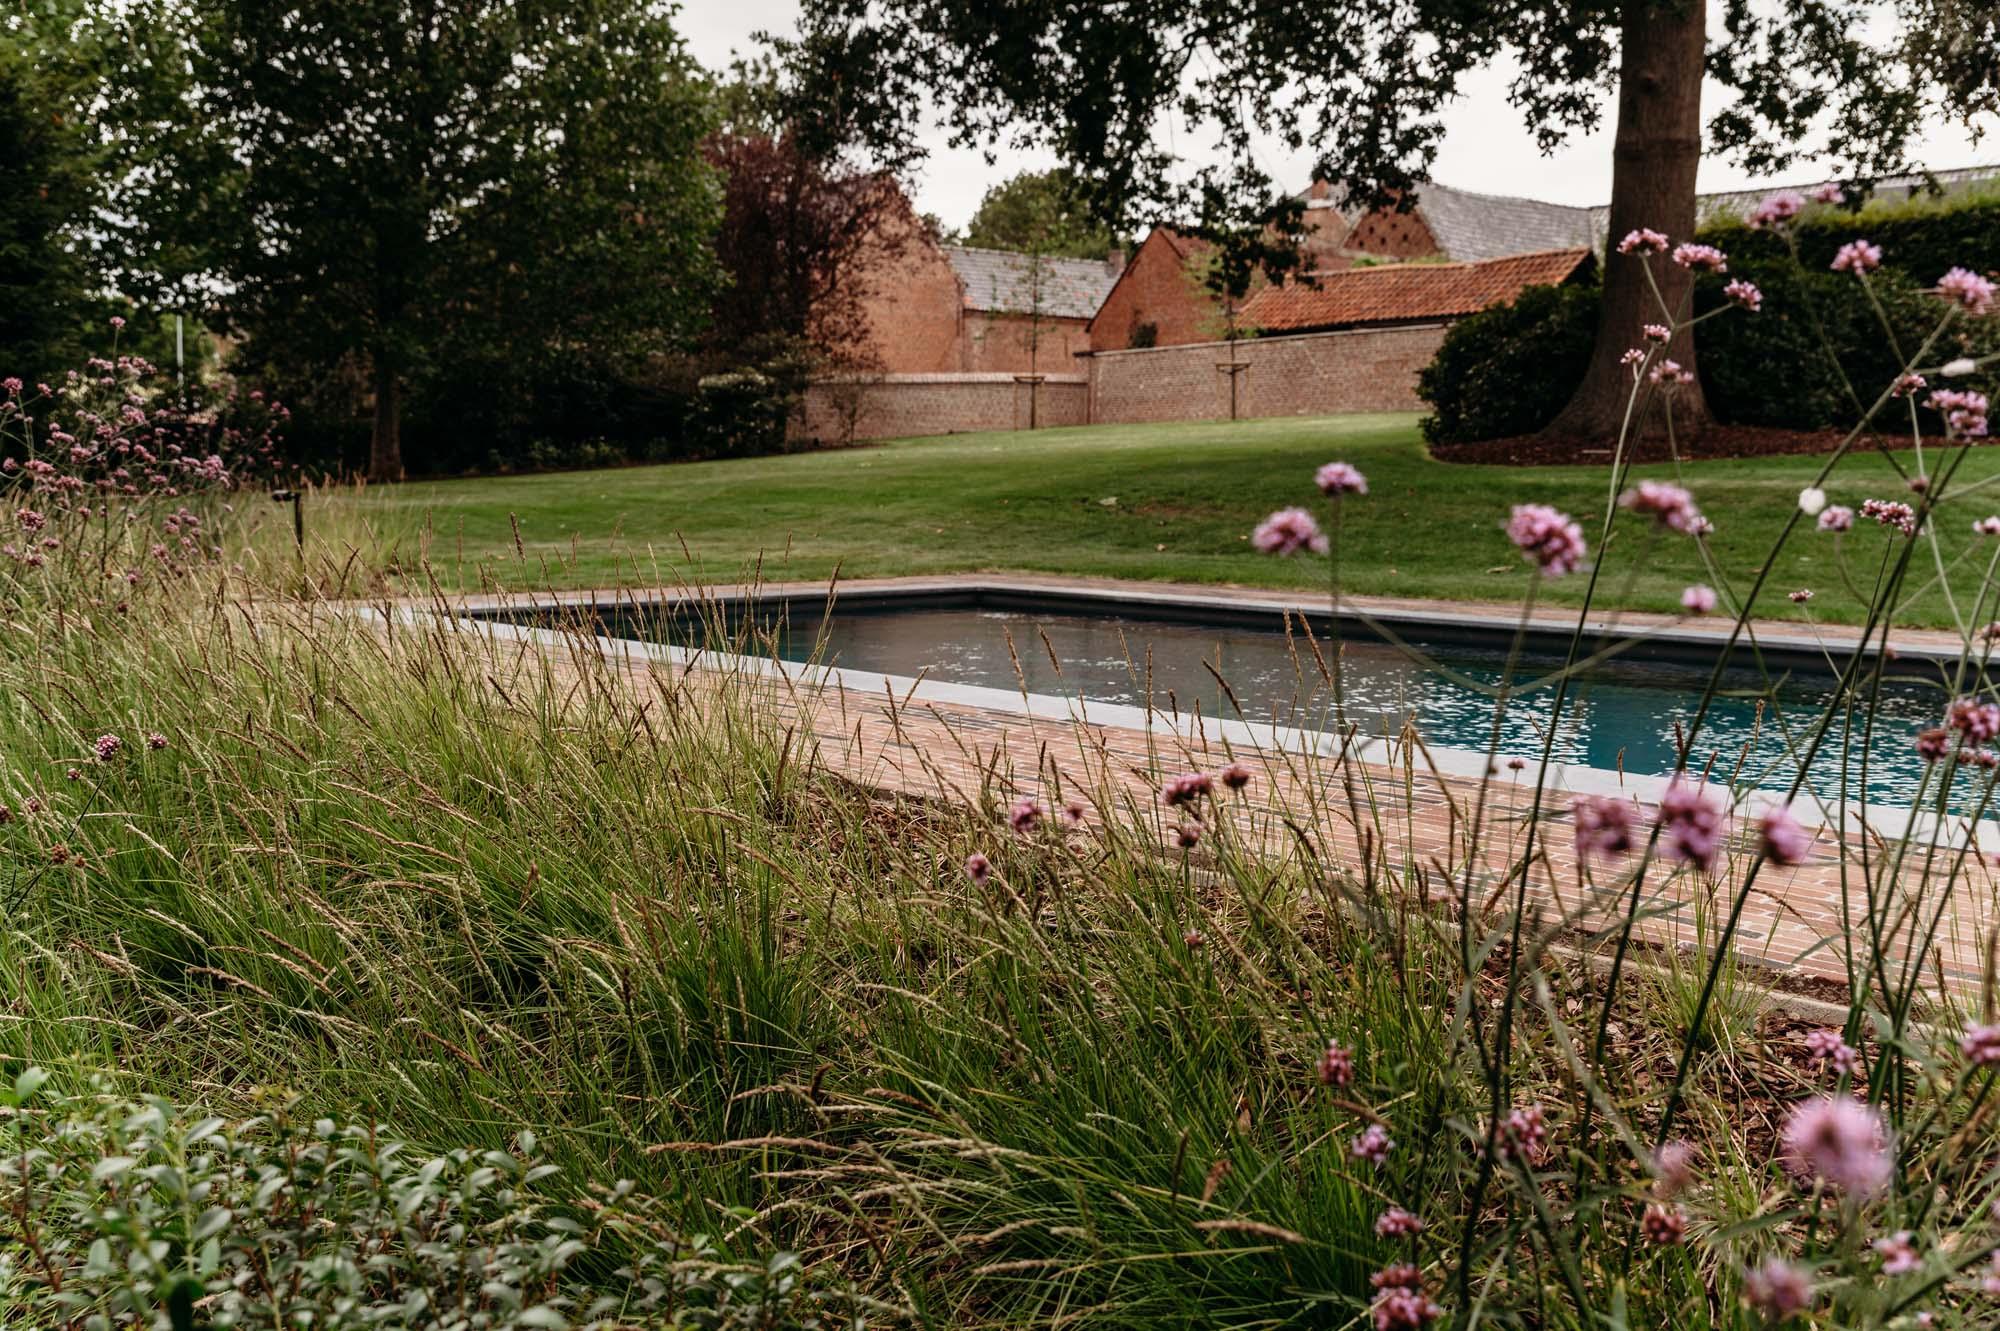 Ommuurde pastorijtuin met poolhouse in padouk en biozwembad